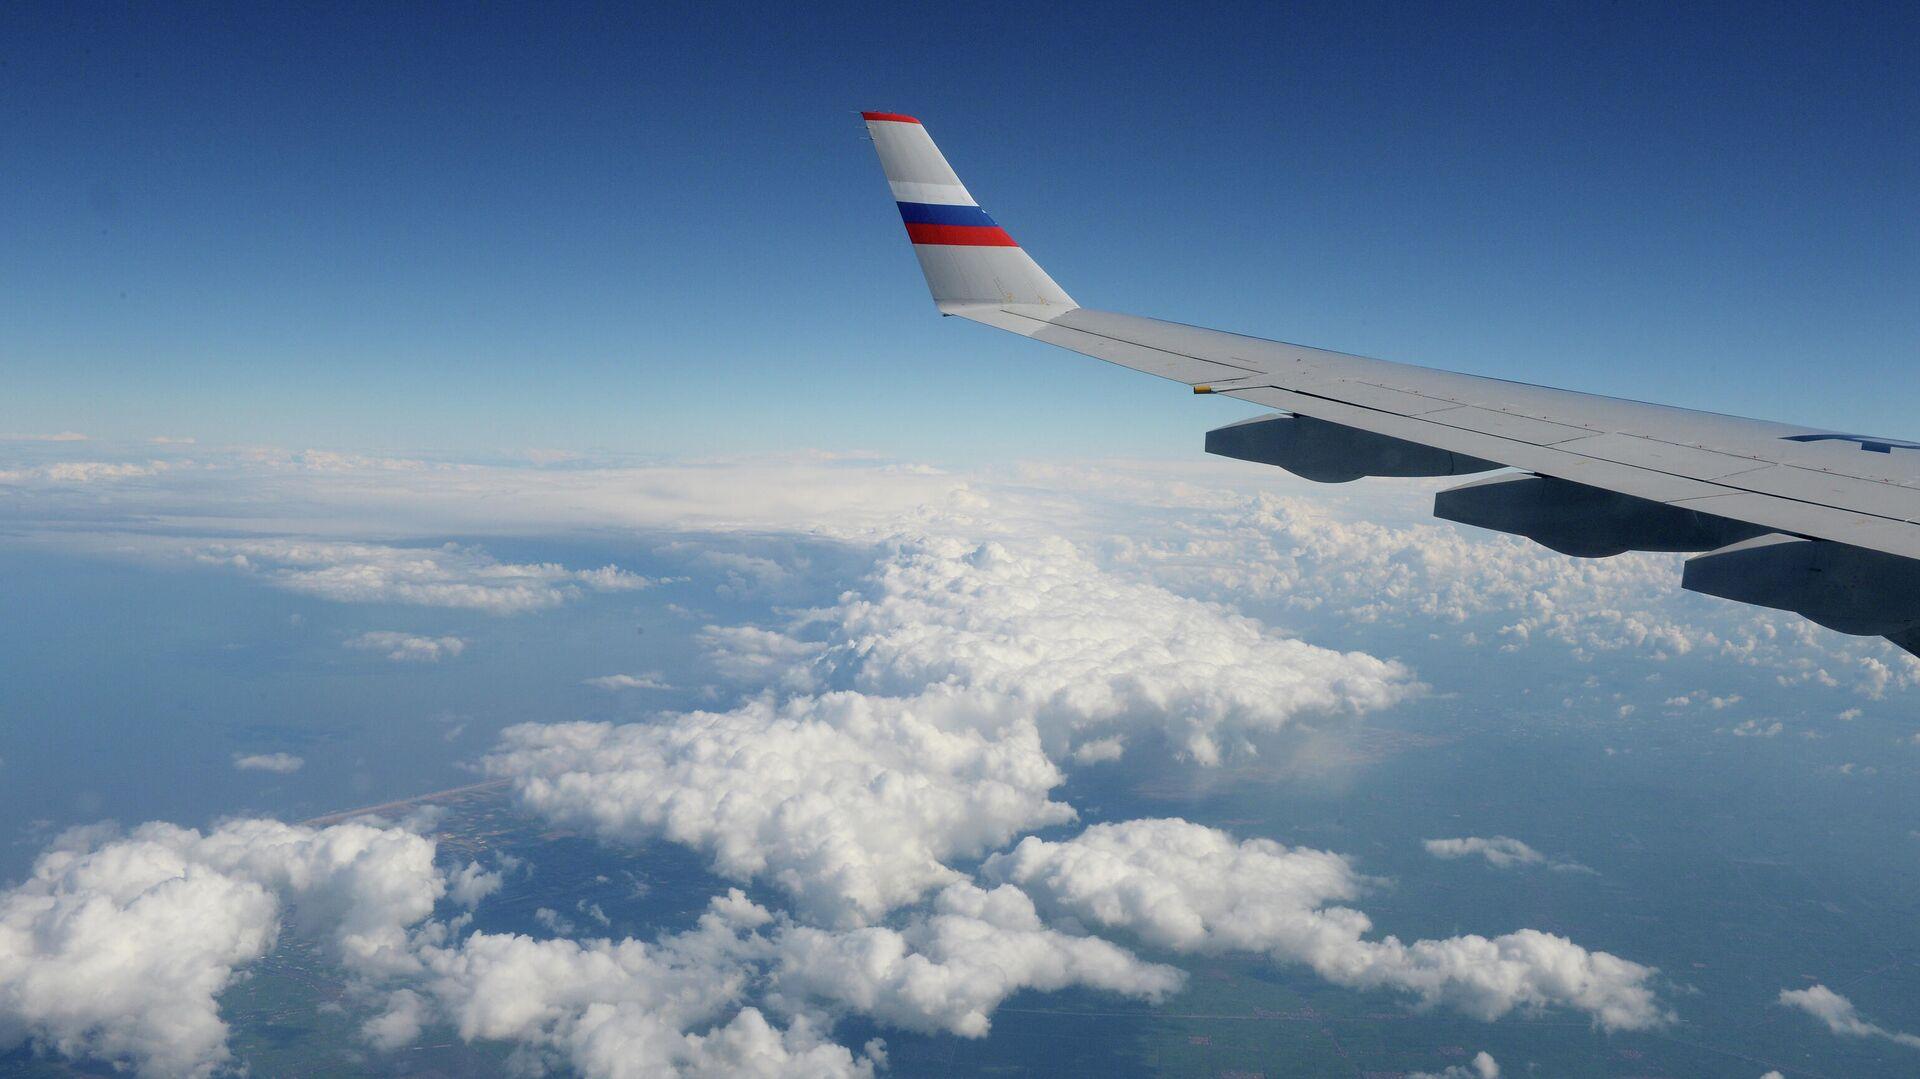 Вид из окна российского самолета во время полета - РИА Новости, 1920, 12.07.2021